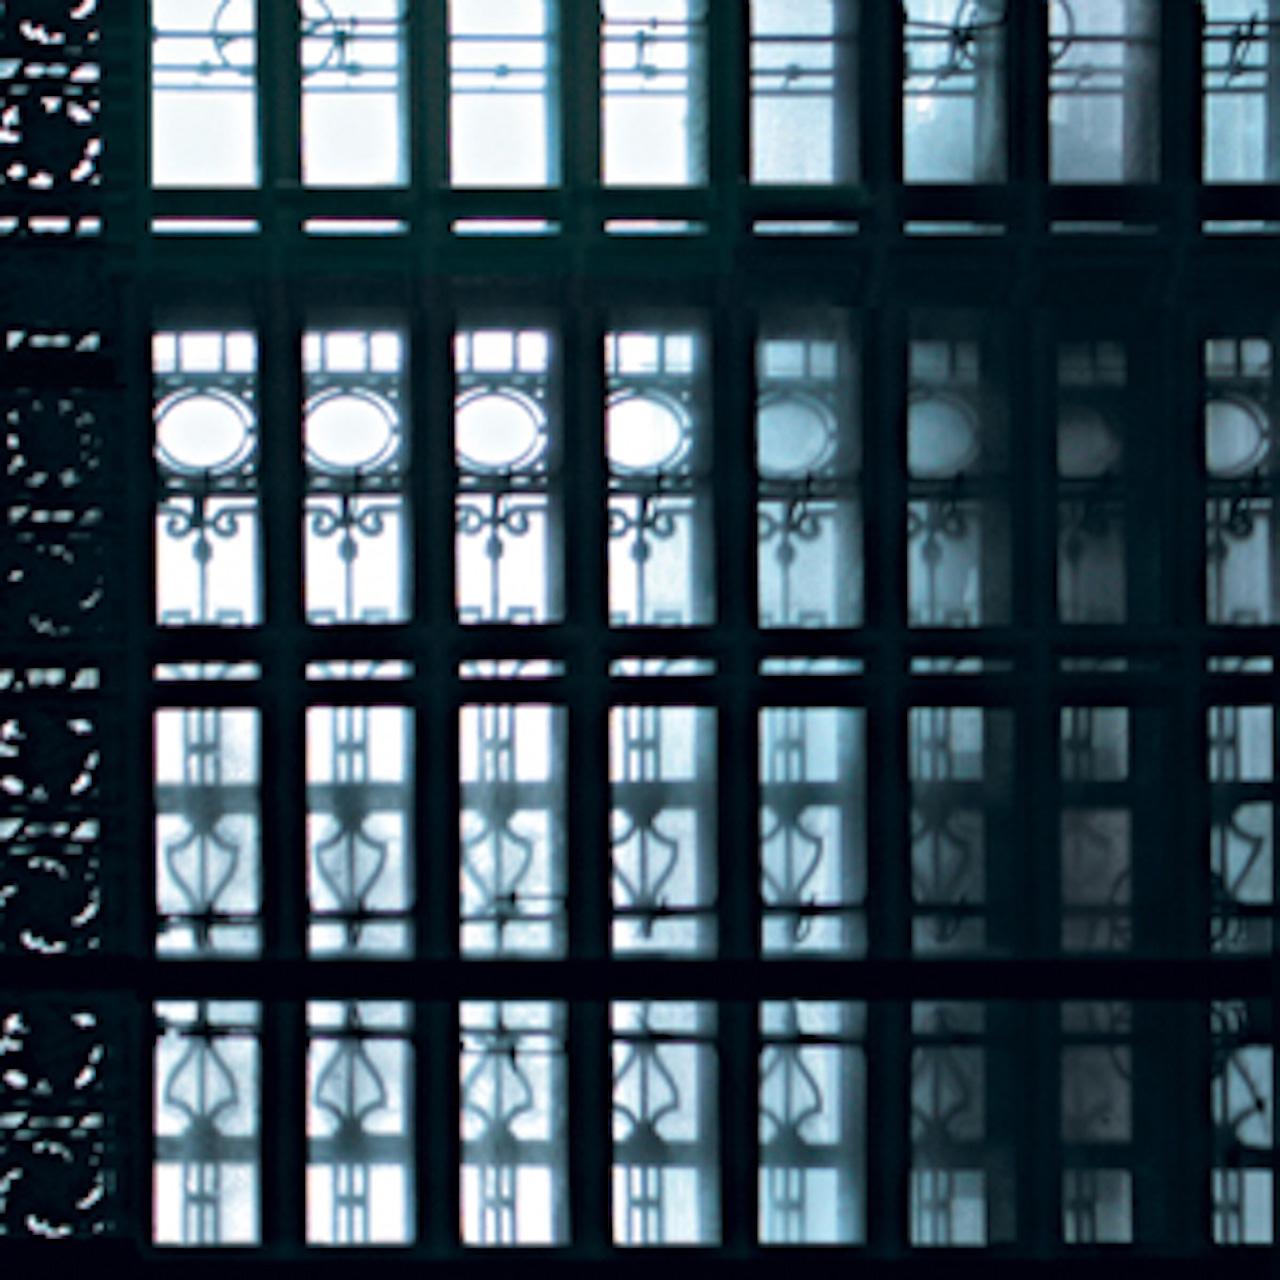 Glass: Filigree (New York) 2002 Druckfläche 35,5 x 35,5 cm  Gerahmt 61 cm h x 60 cm b Nummer 8/18 Limitierte Auflage von 18 / Kein Großformat Euro 1.100 gerahmt Archival Ink Print; Sommerset Fine Art Papier